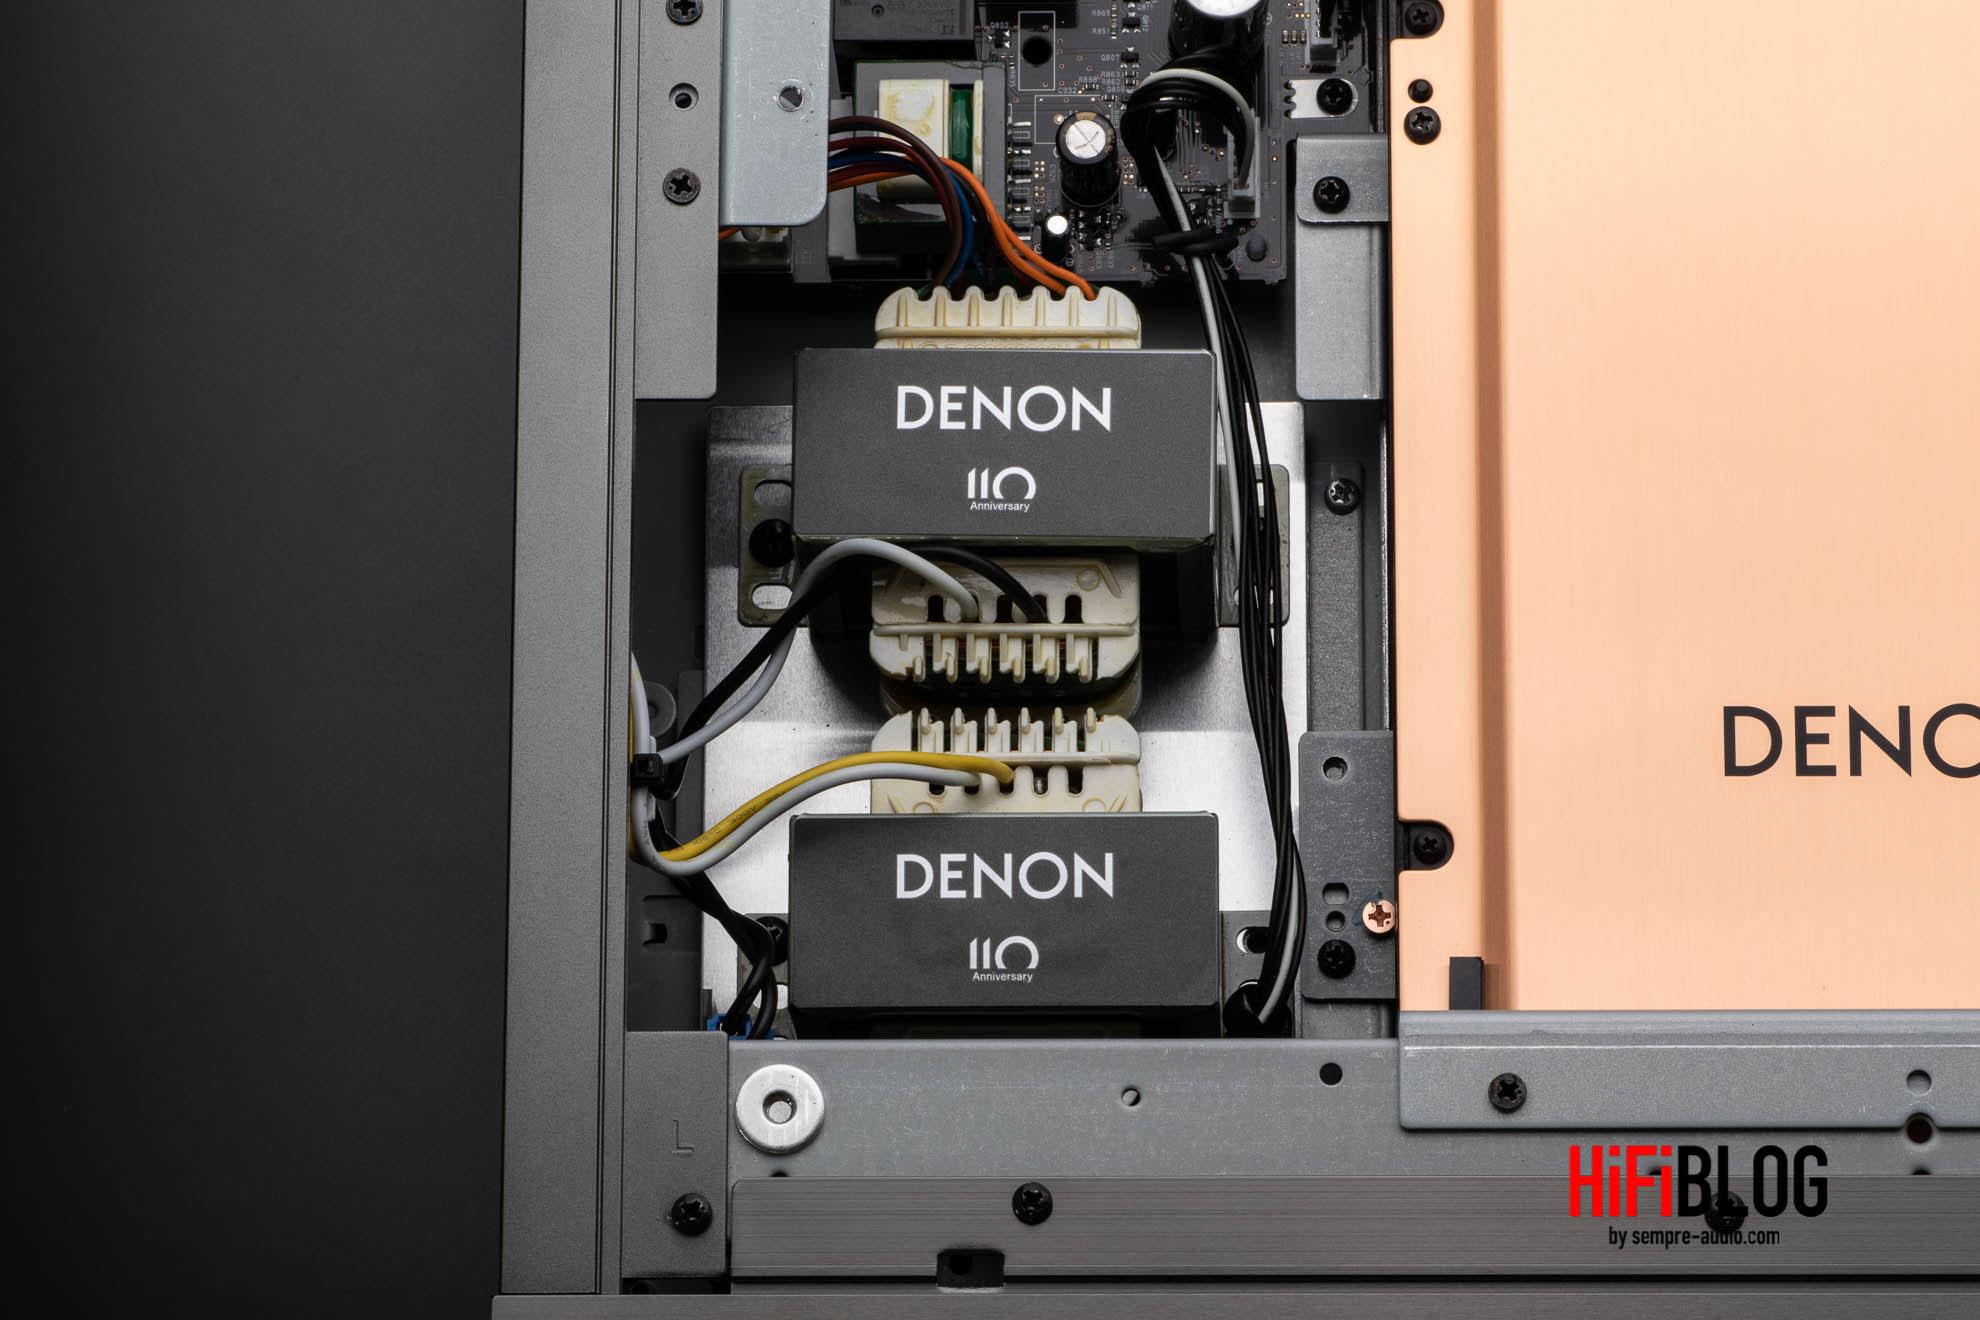 Denon DCD A110 SACD Player Gallery 9